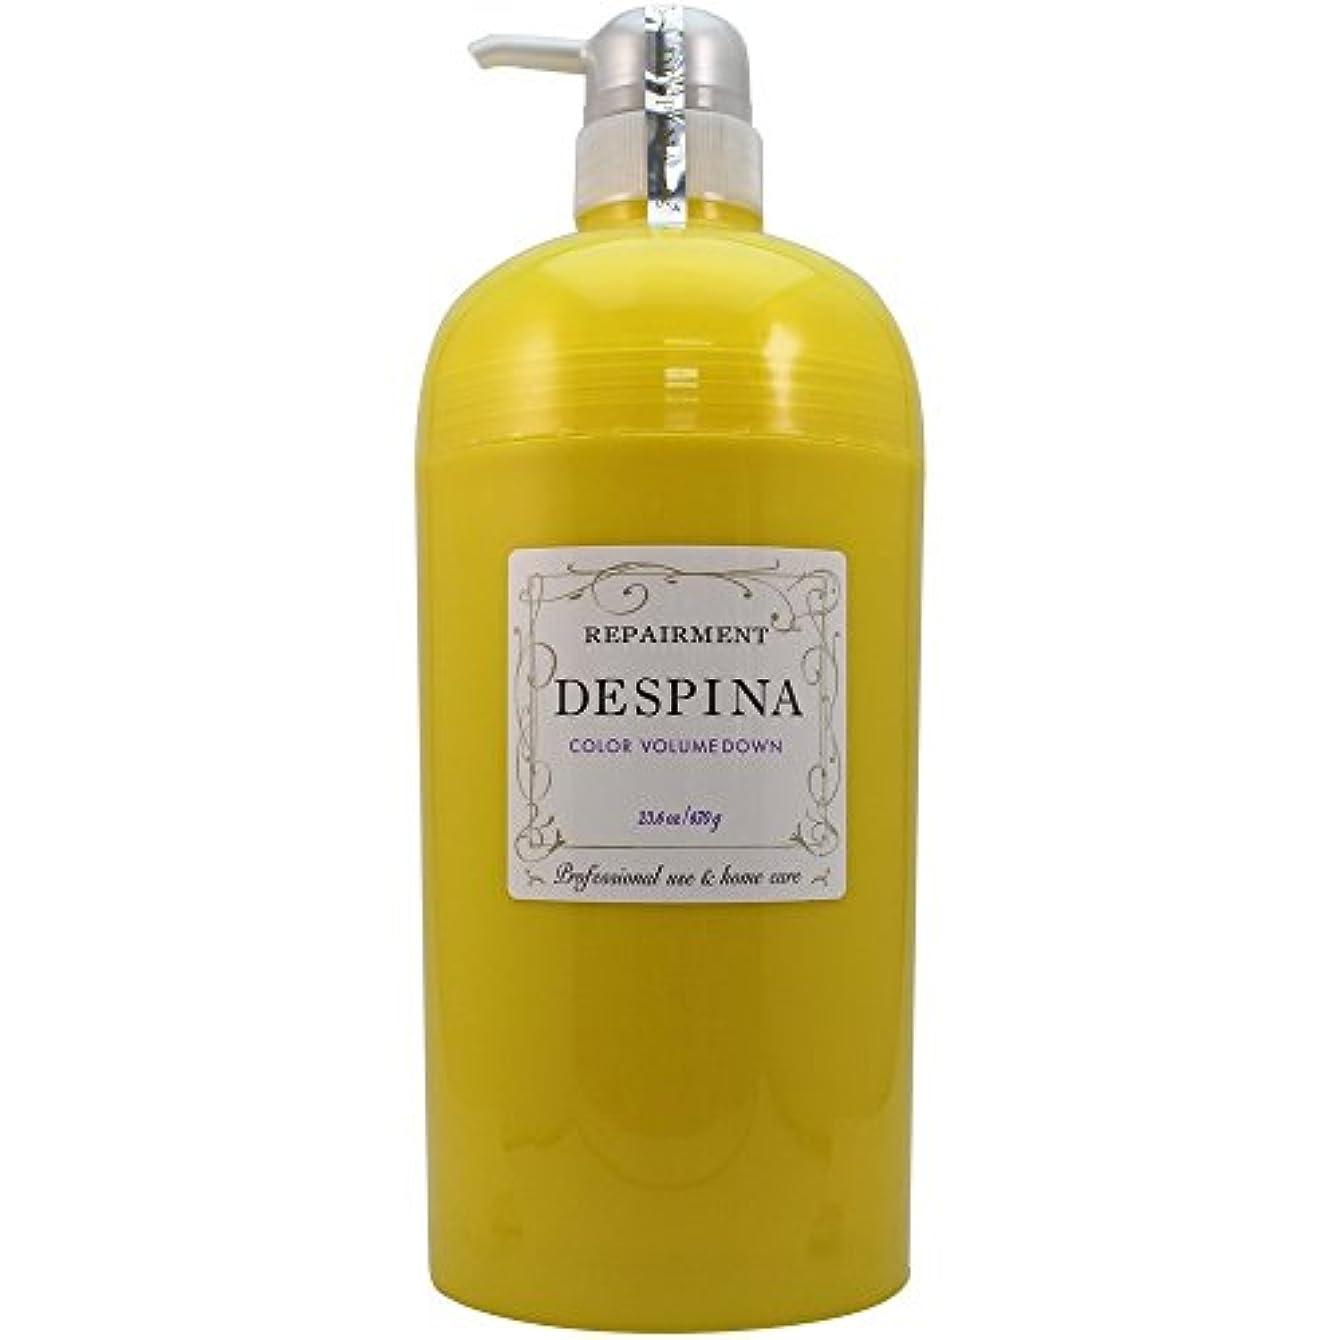 商標属するストレスの多い中野製薬 デスピナ リペアメント カラー ボリュームダウン 670g